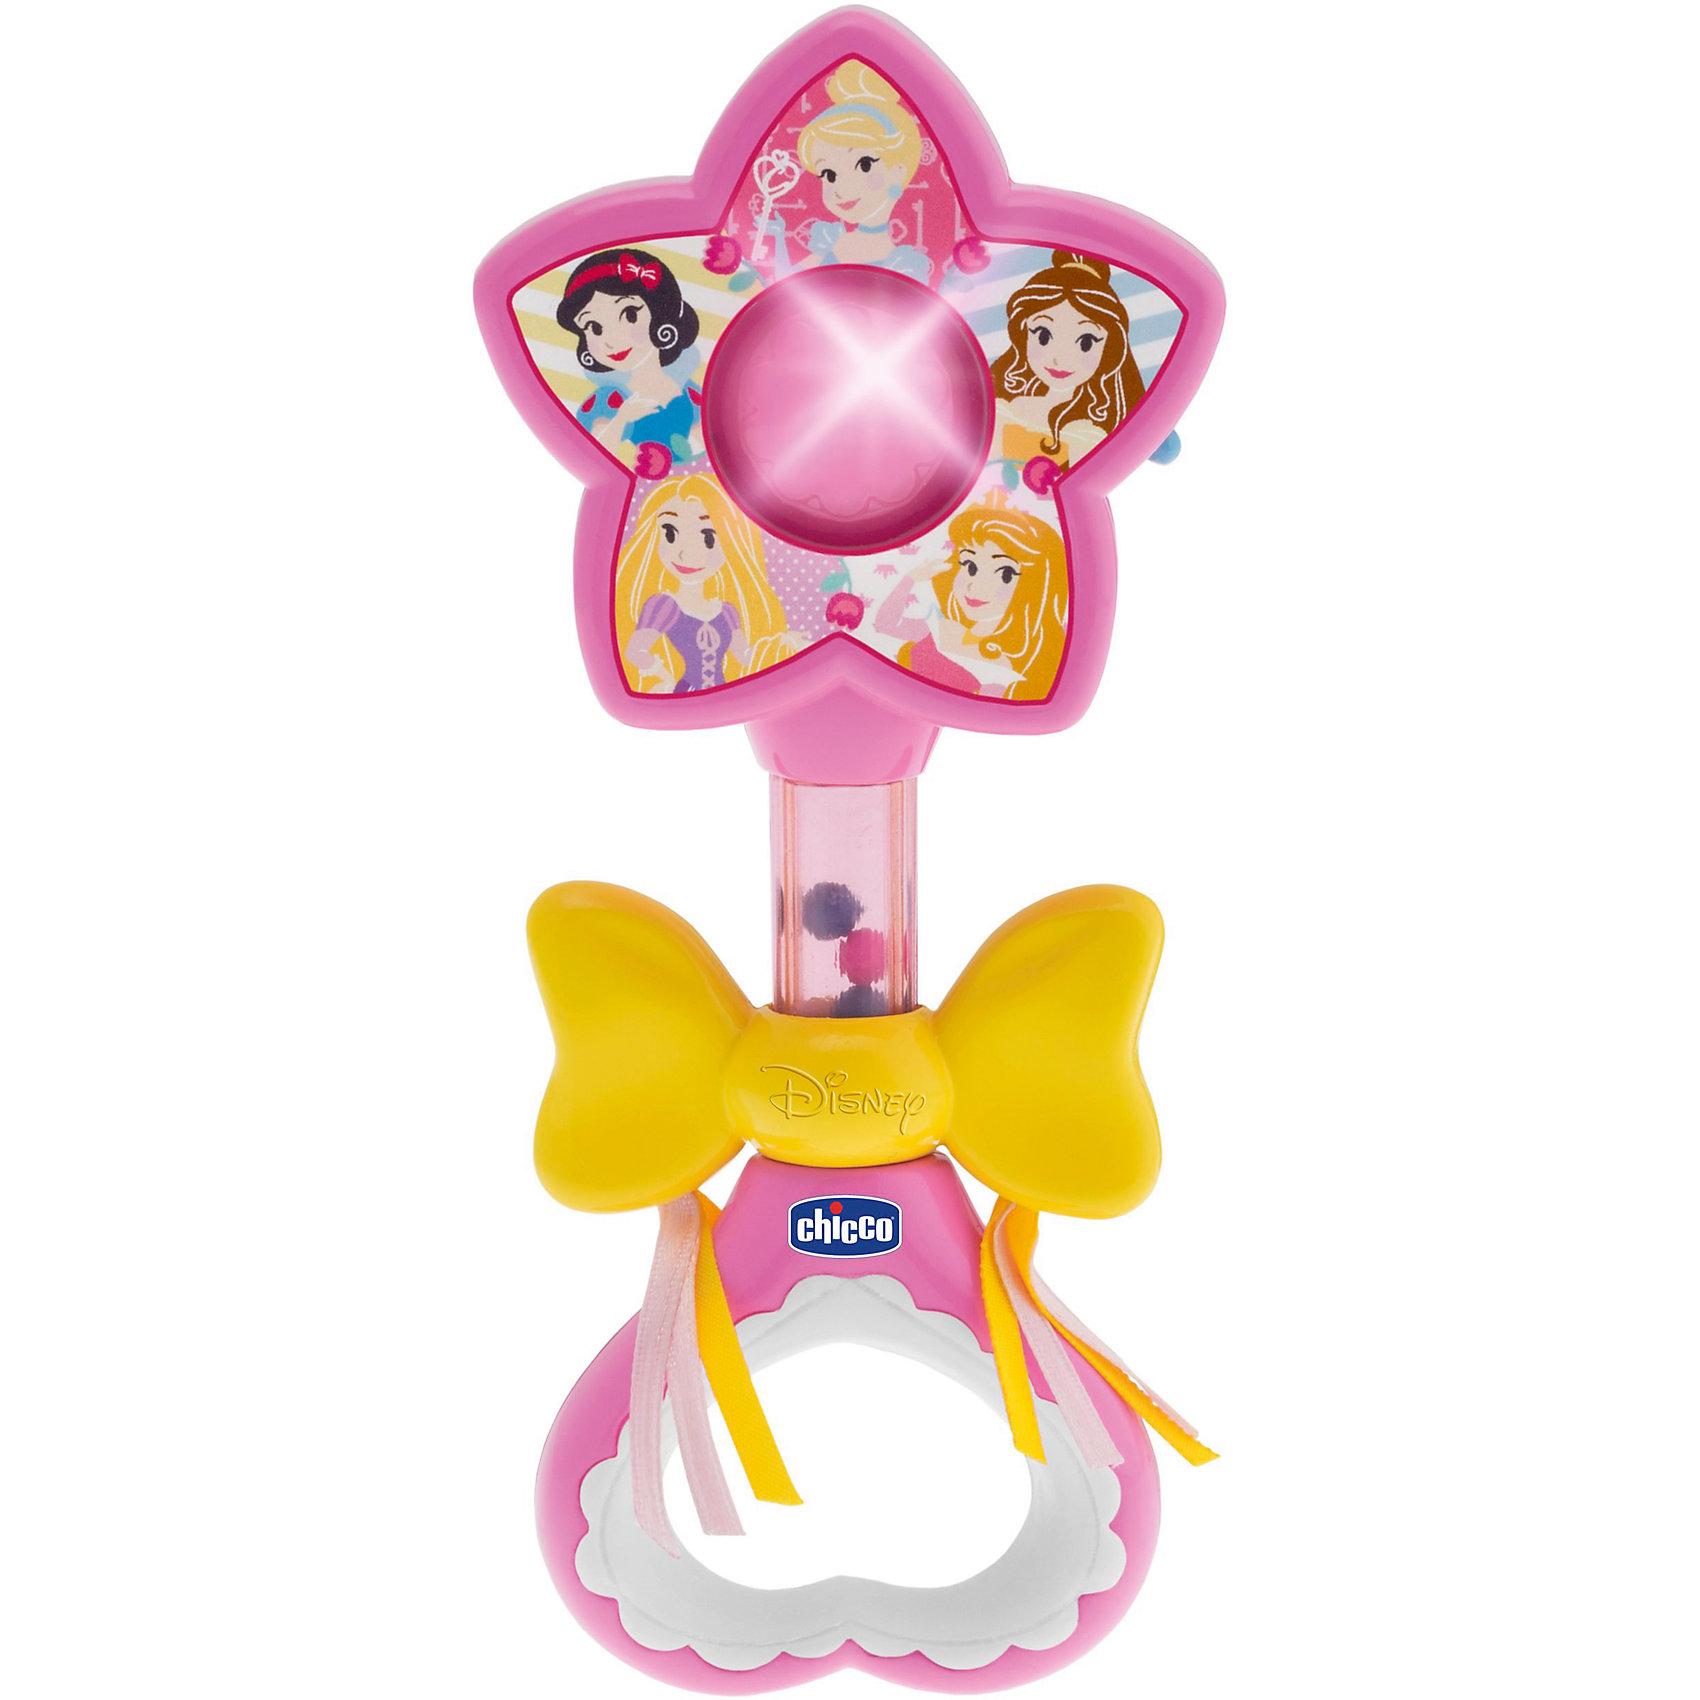 Волшебная палочка Принцесс, Disney,  CHICCOПринцессы Дисней<br>Волшебная палочка Принцесс, Disney,  CHICCO (ЧИКО) – это игрушка не оставит равнодушной вашу девочку.<br>Электронная волшебная палочка привлечет внимание вашей принцессы. Стоит только взмахнуть волшебной палочкой, она засветится, и заиграет приятная мелодия. Волшебная палочка украшена изображением Диснеевских принцесс и большим желтым бантом. Бант движется вверх и вниз, а внутри палочки пересыпаются разноцветные шарики.<br><br>Дополнительная информация:<br><br>- Датчик движения активирует мелодии и световые эффекты<br>- Материал: пластик<br>- Батарейки: 2 типа АА (не входят в комплект)<br>- Размер упаковки: 167х210х40 мм.<br>- Вес: 120 гр.<br><br>Волшебную палочку Принцесс, Disney,  CHICCO (ЧИКО) можно купить в нашем интернет-магазине.<br><br>Ширина мм: 167<br>Глубина мм: 210<br>Высота мм: 40<br>Вес г: 120<br>Возраст от месяцев: 3<br>Возраст до месяцев: 36<br>Пол: Унисекс<br>Возраст: Детский<br>SKU: 4577231